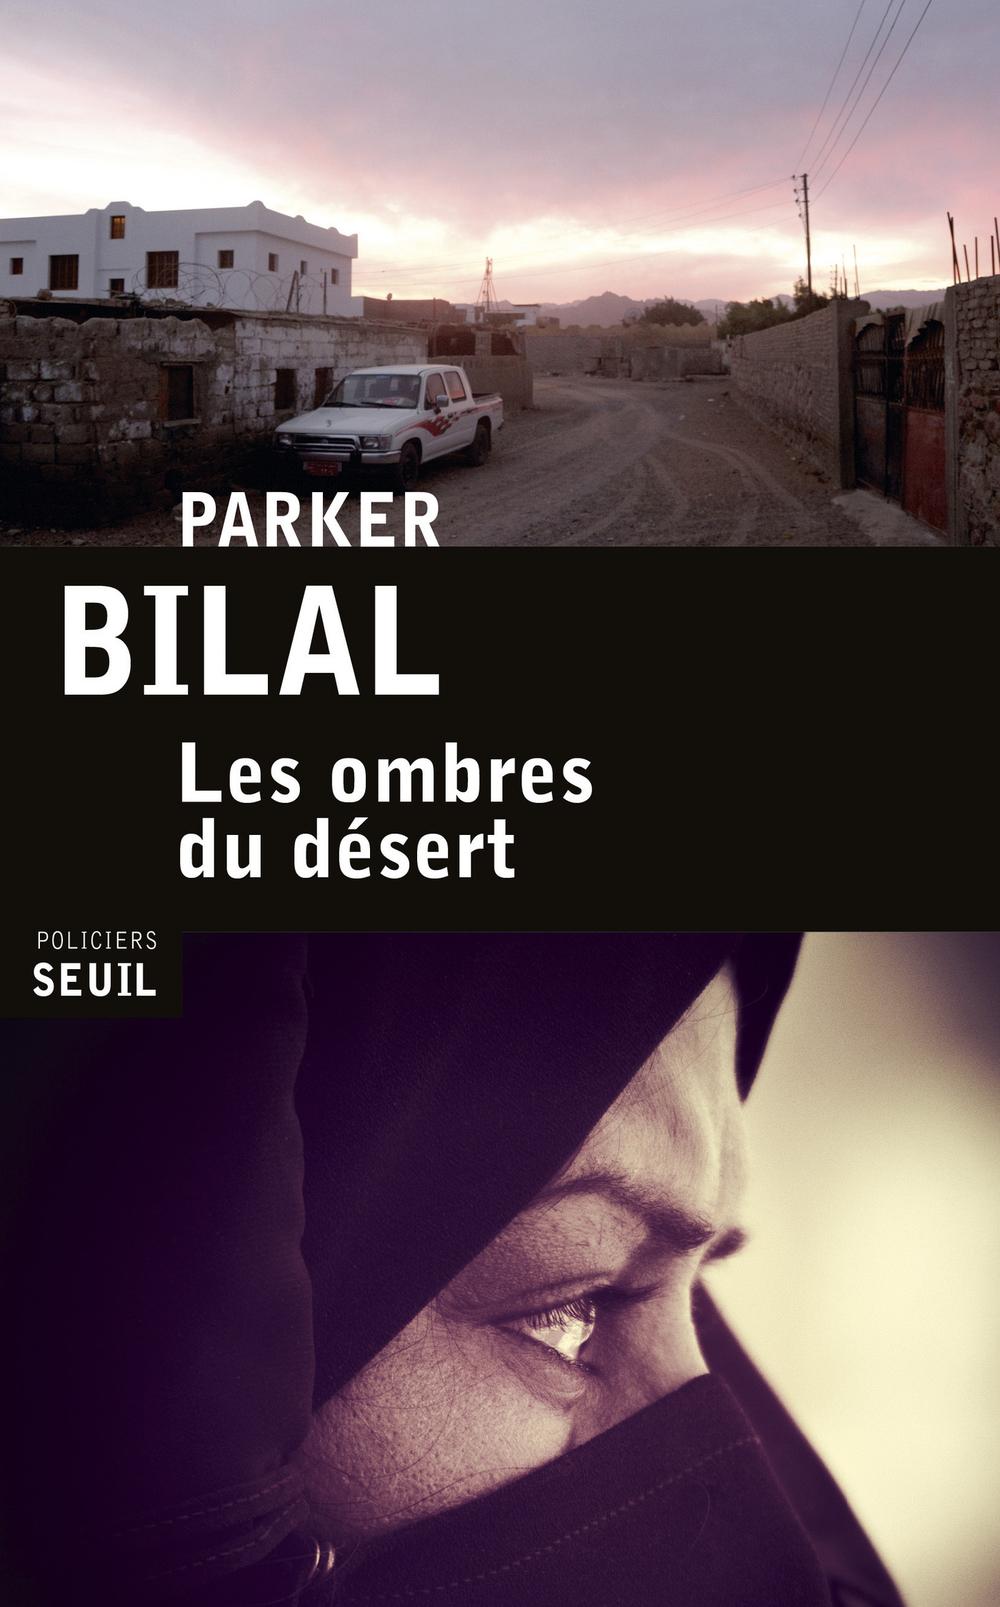 Les Ombres du désert | Bilal, Parker